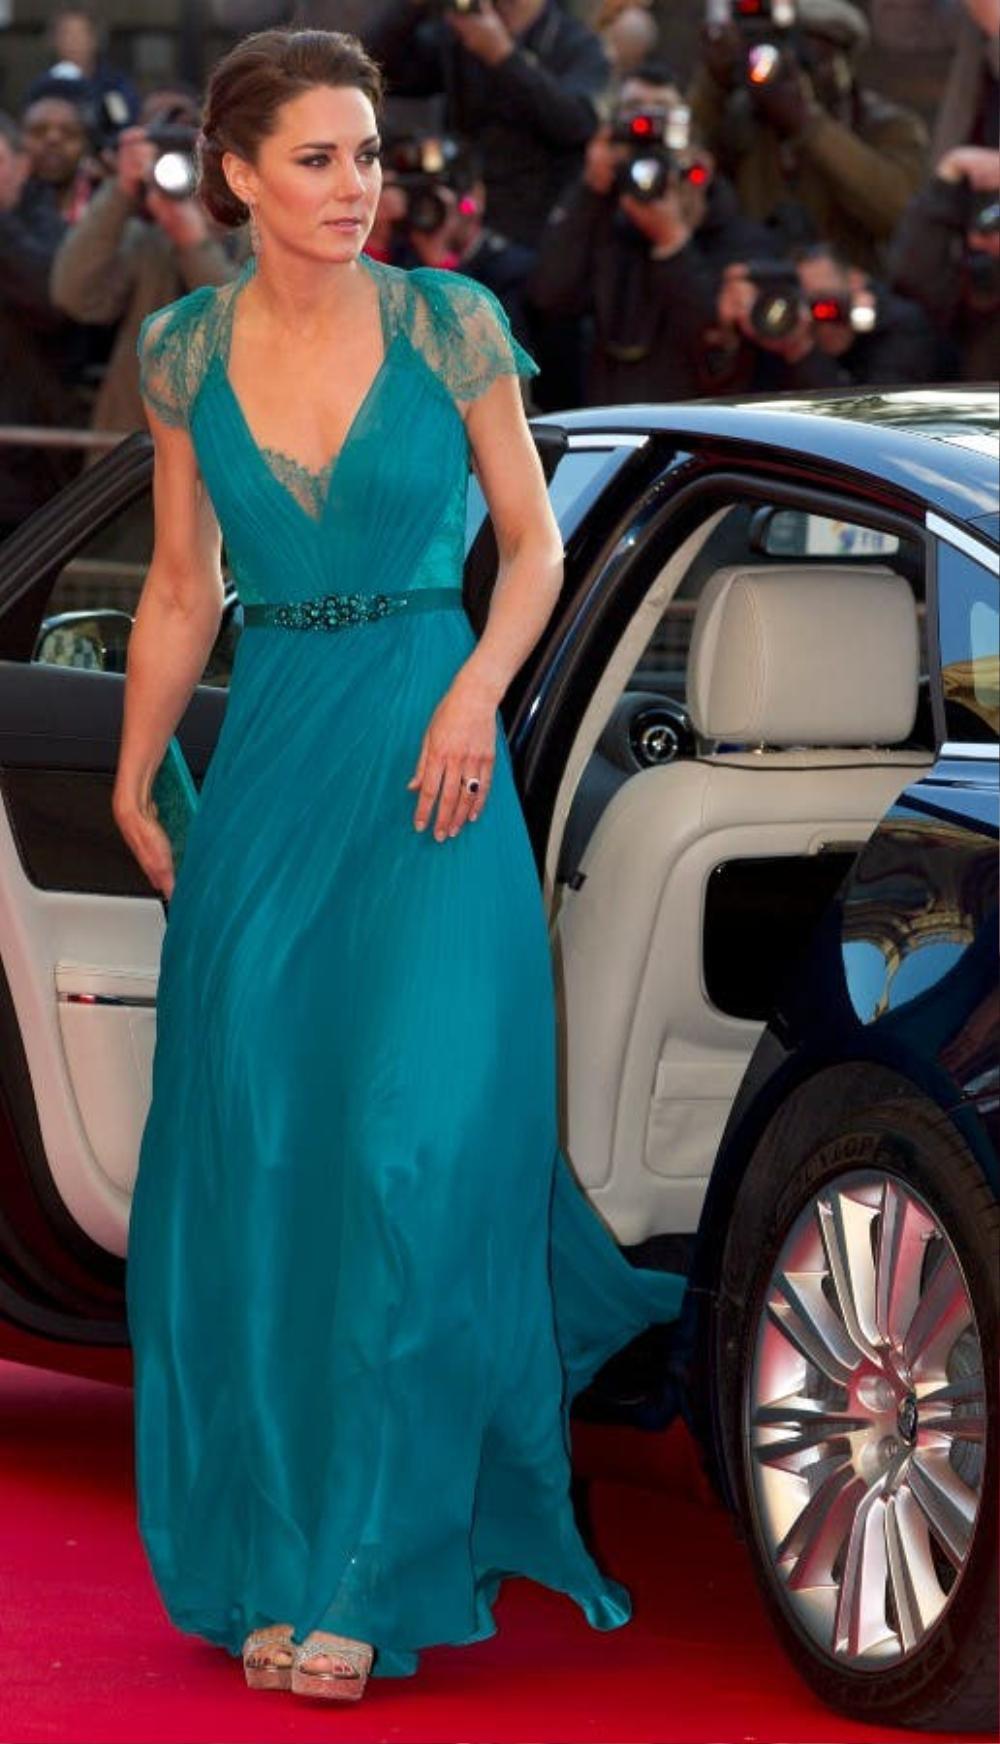 Bí ẩn tủ đồ Hoàng gia: Tại sao Kate Middleton thích mặc màu xanh lá cây? Ảnh 2